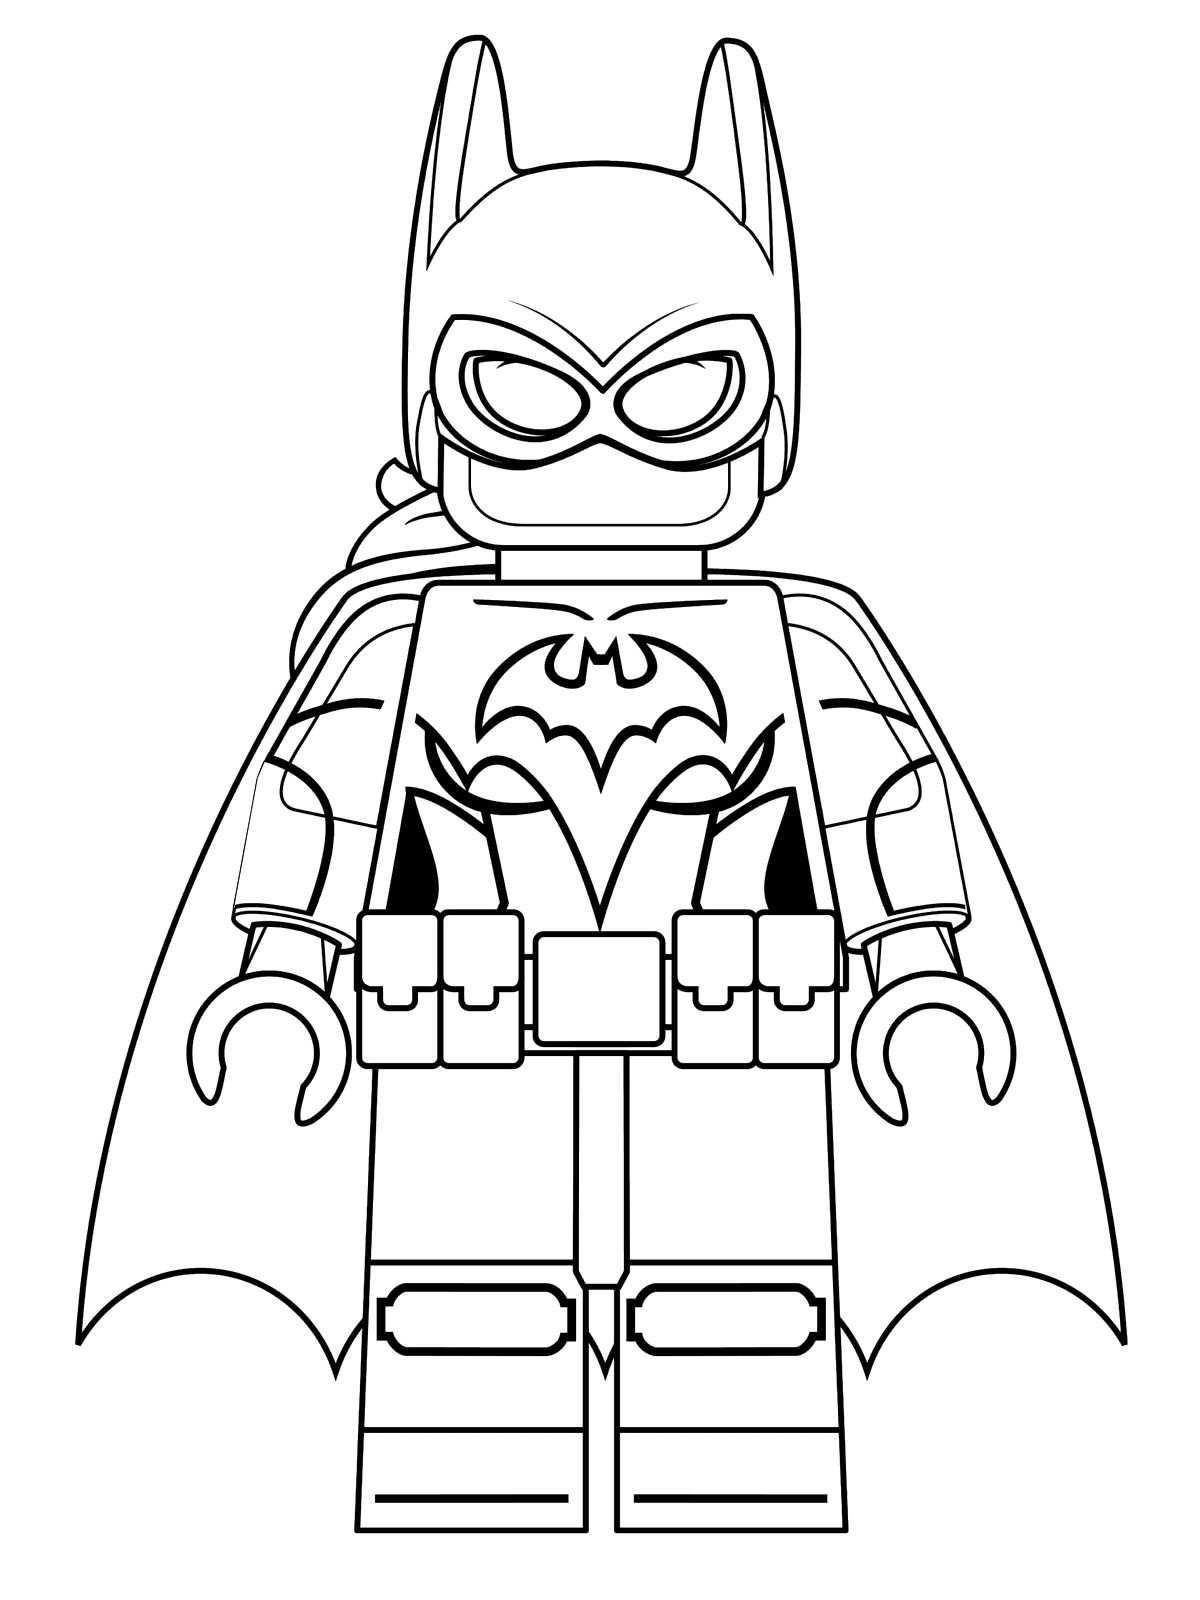 kidsnfunde  16 ausmalbilder von lego batman movie